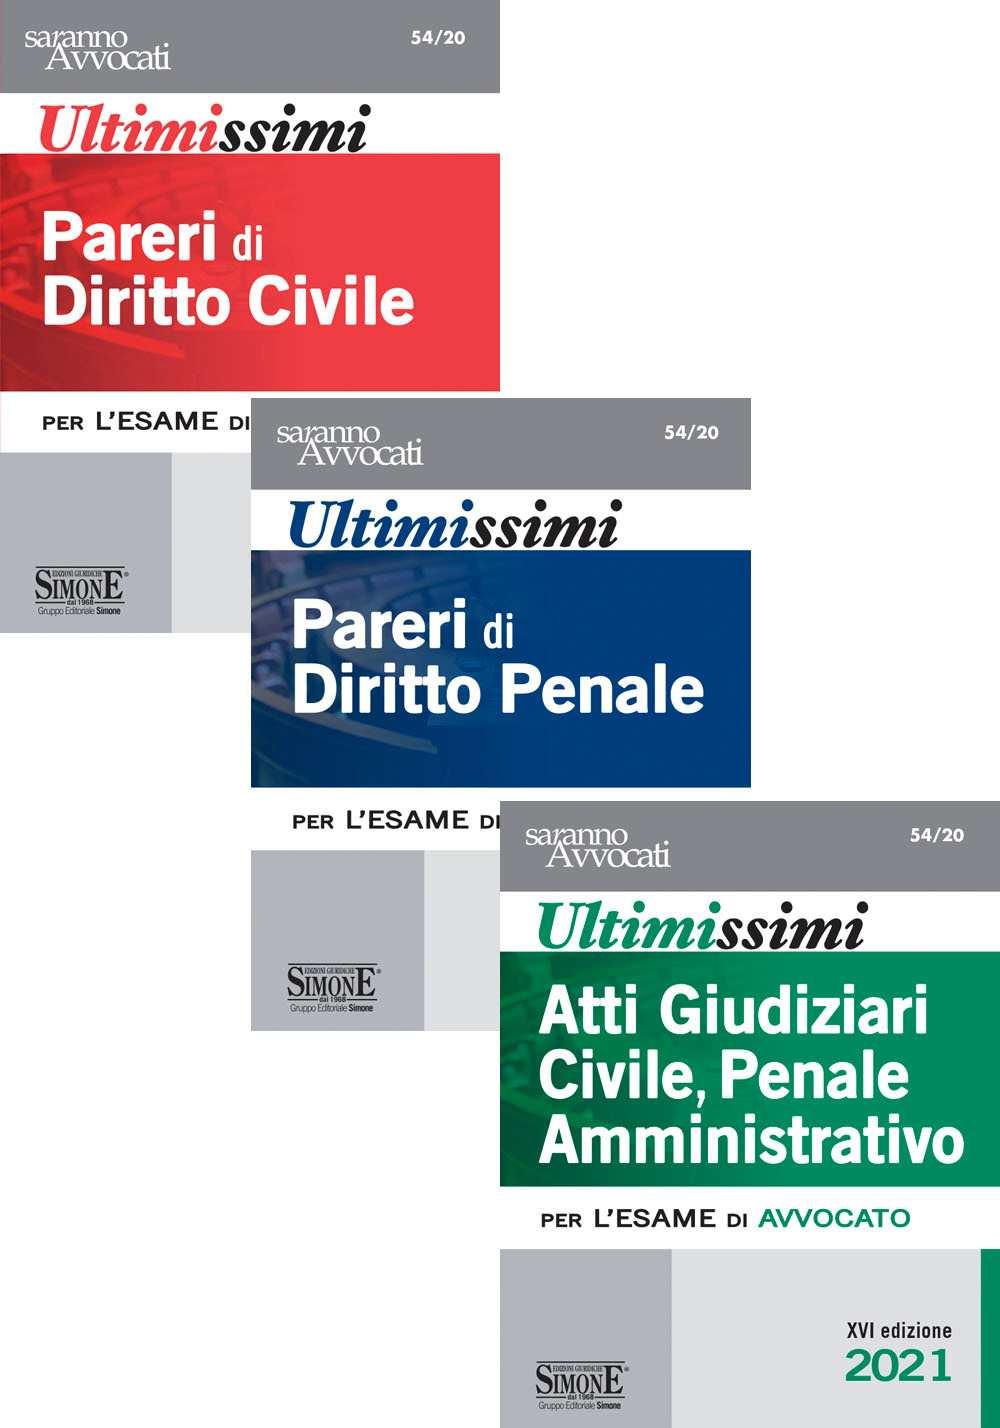 Ultimissimi Pareri di Diritto Civile, Diritto Penale e Atti Giudiziari